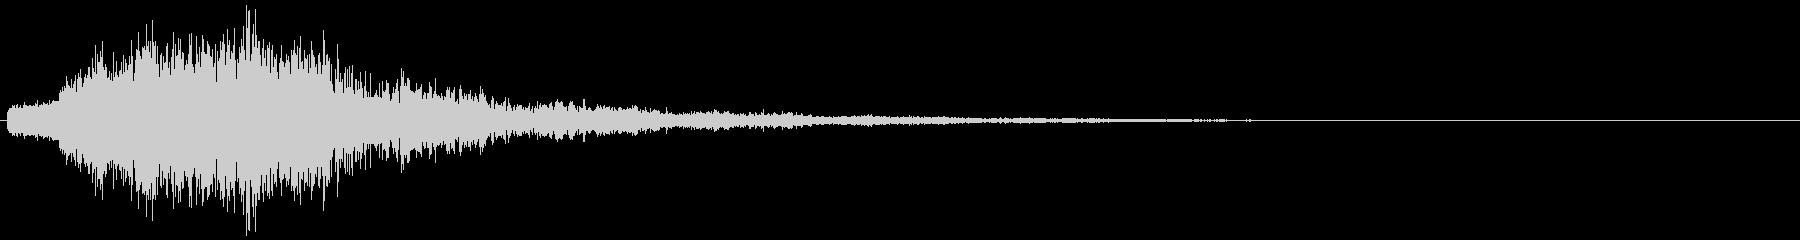 ビシュシュン(撃破・自滅・ゲームオーバ)の未再生の波形